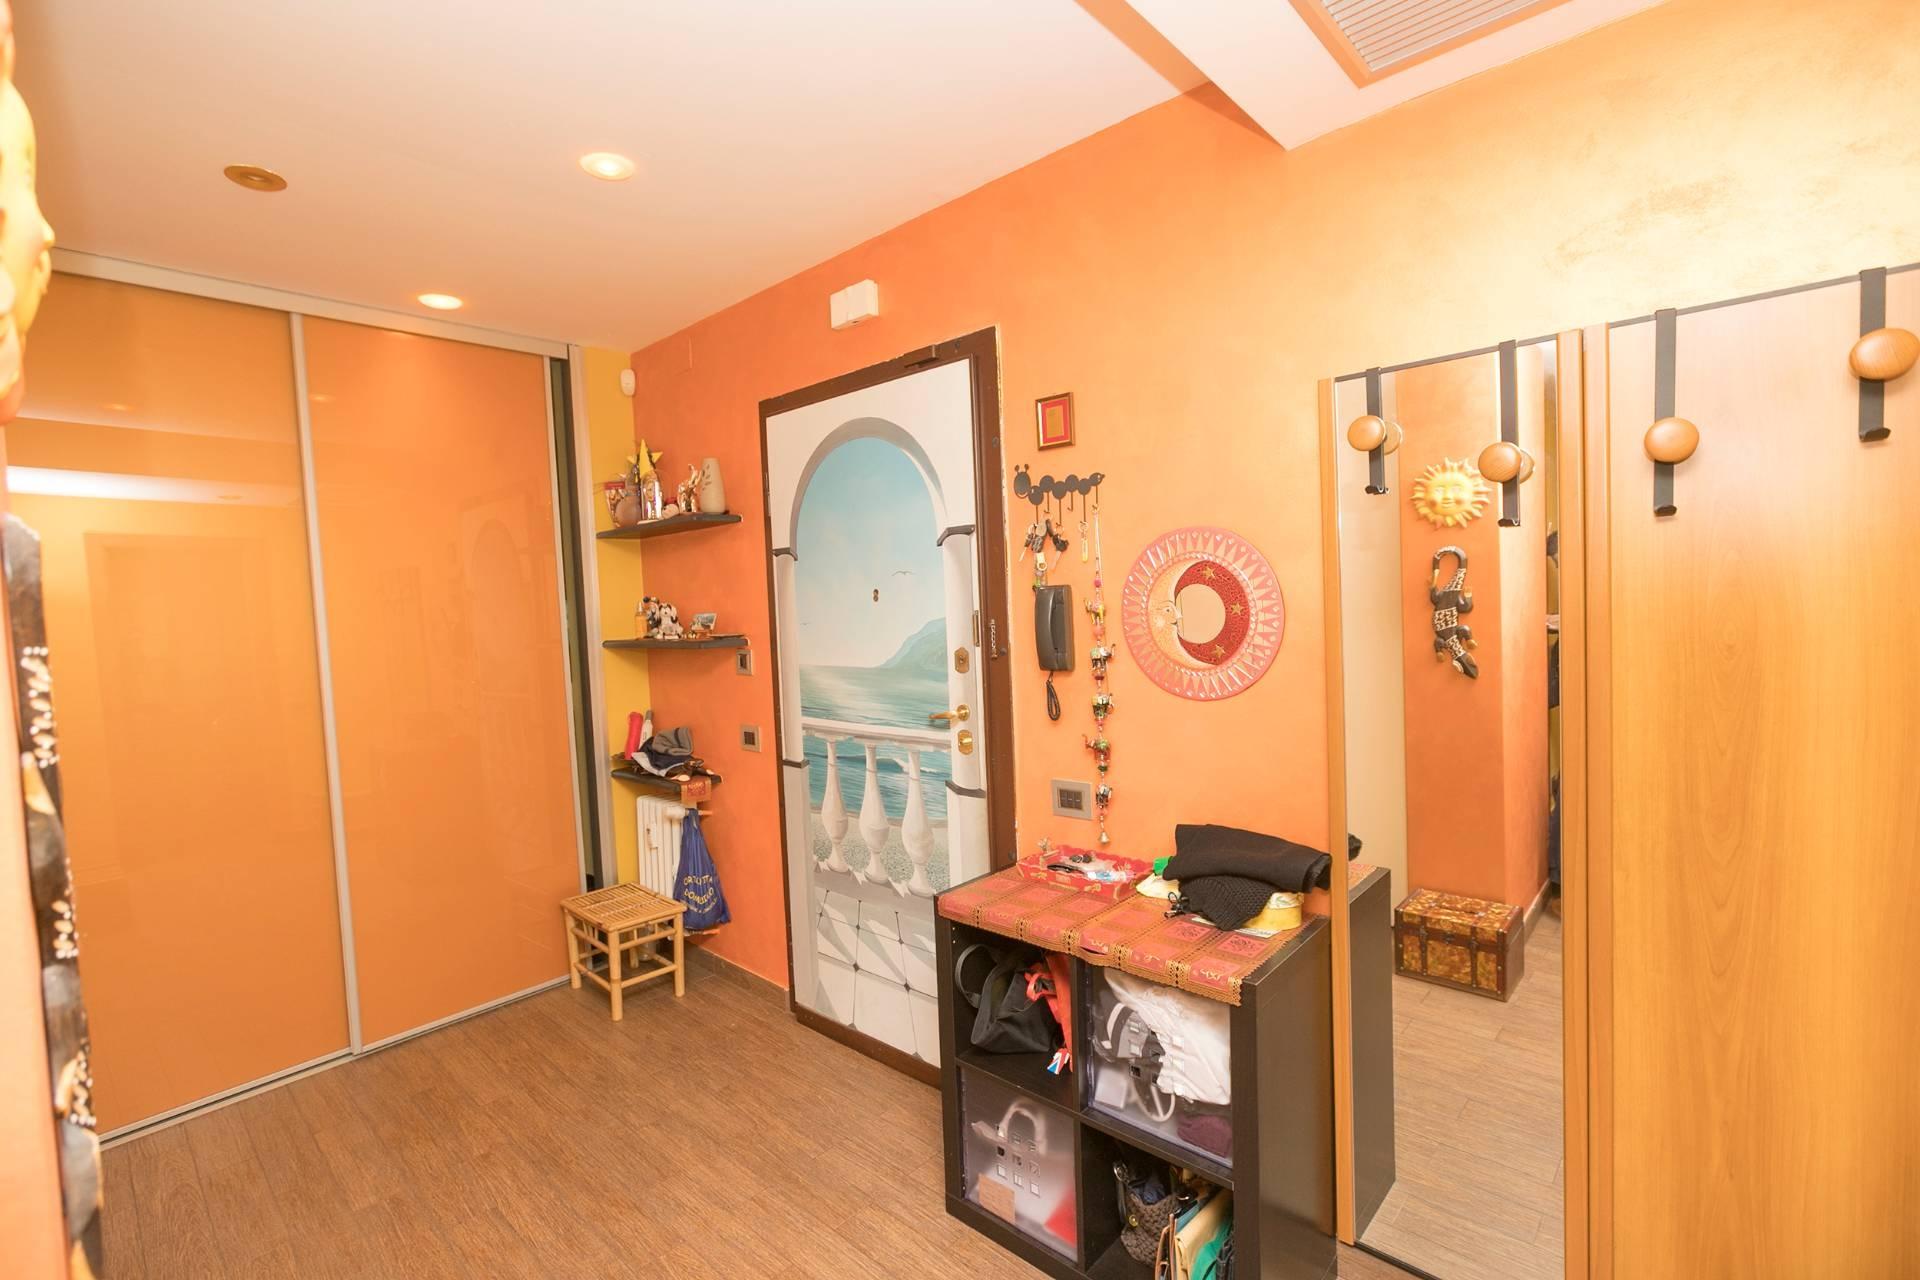 Appartamento GENOVA vendita  Sestri Ponente  Immobiliare Le Riviere S.r.l.